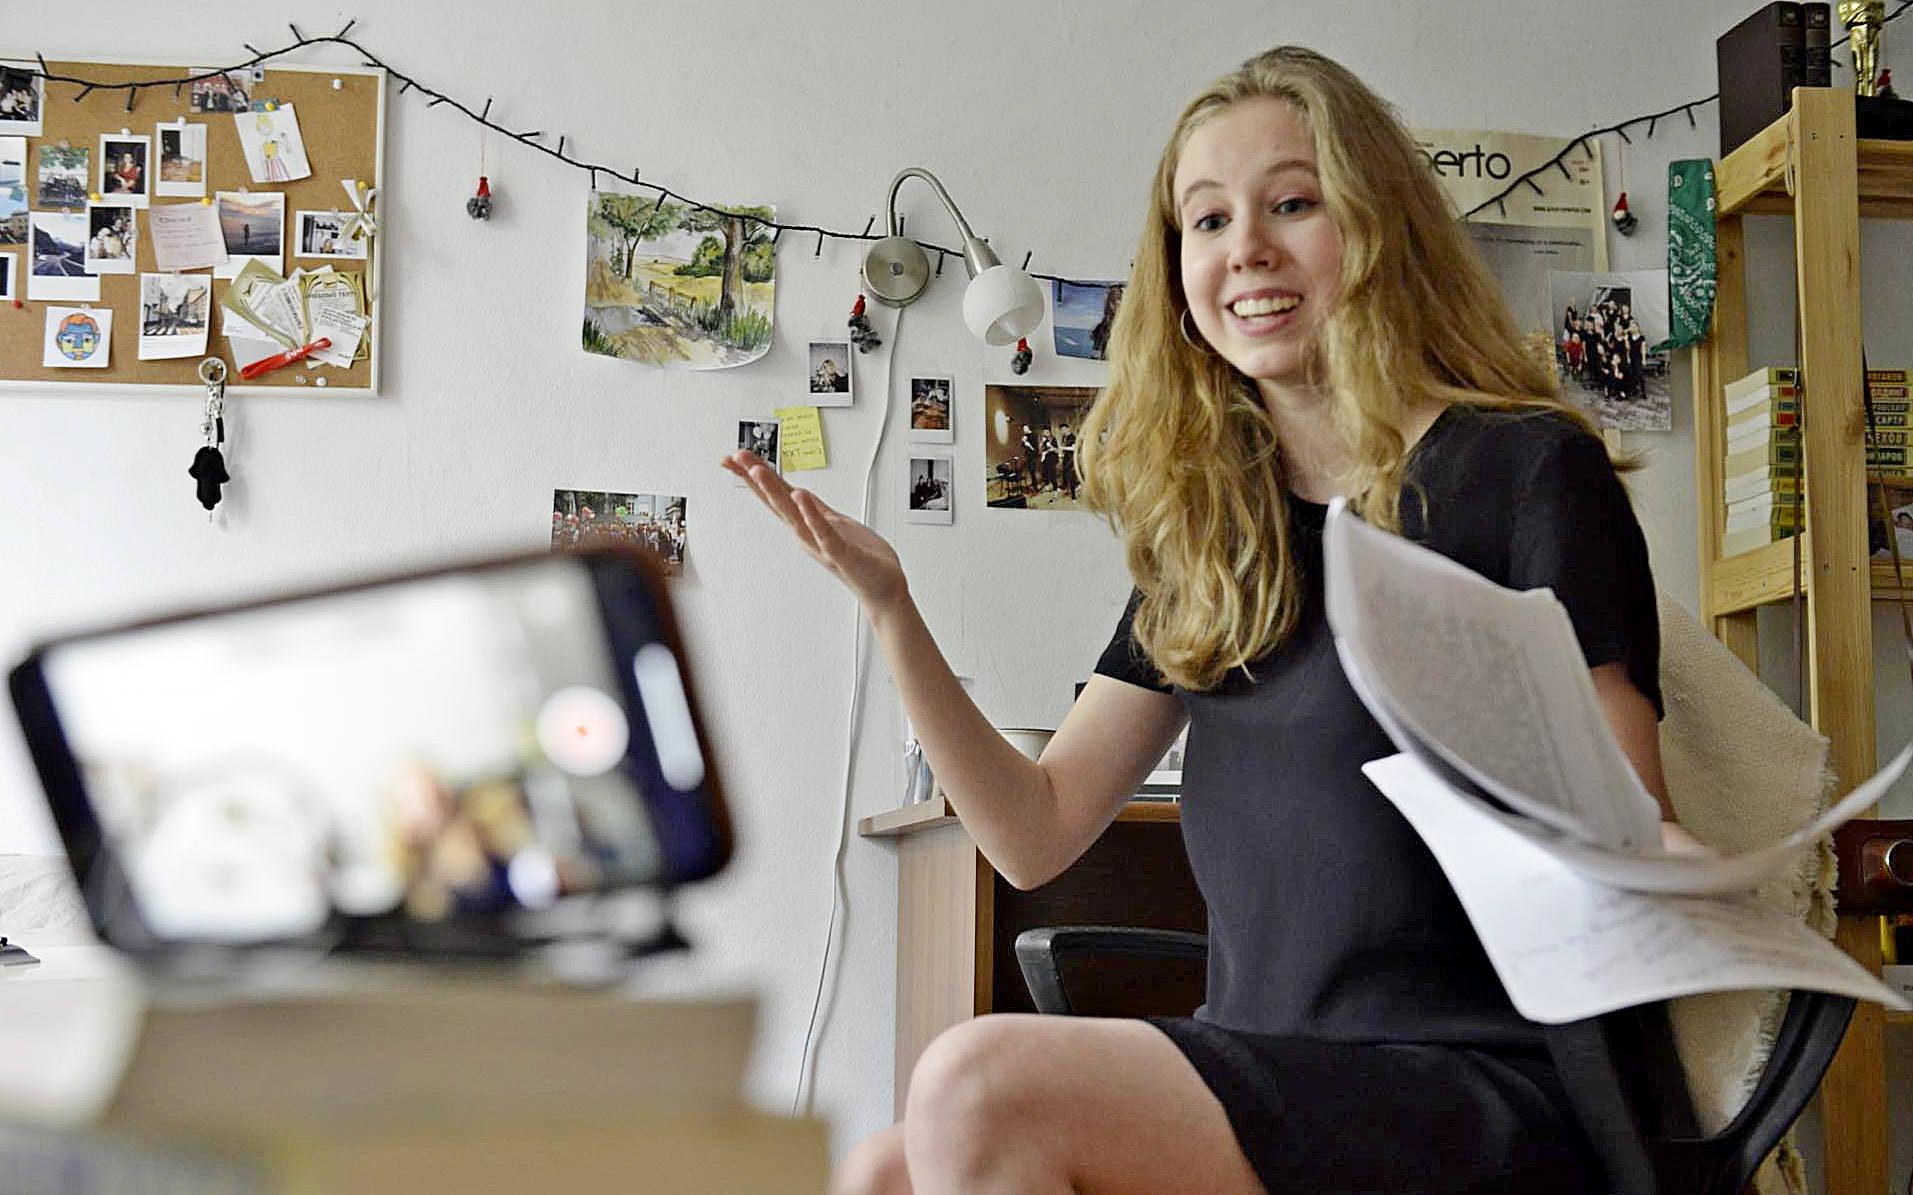 Выбор жизненного пути: онлайн-лекцию для родителей проведут в «Авангарде»